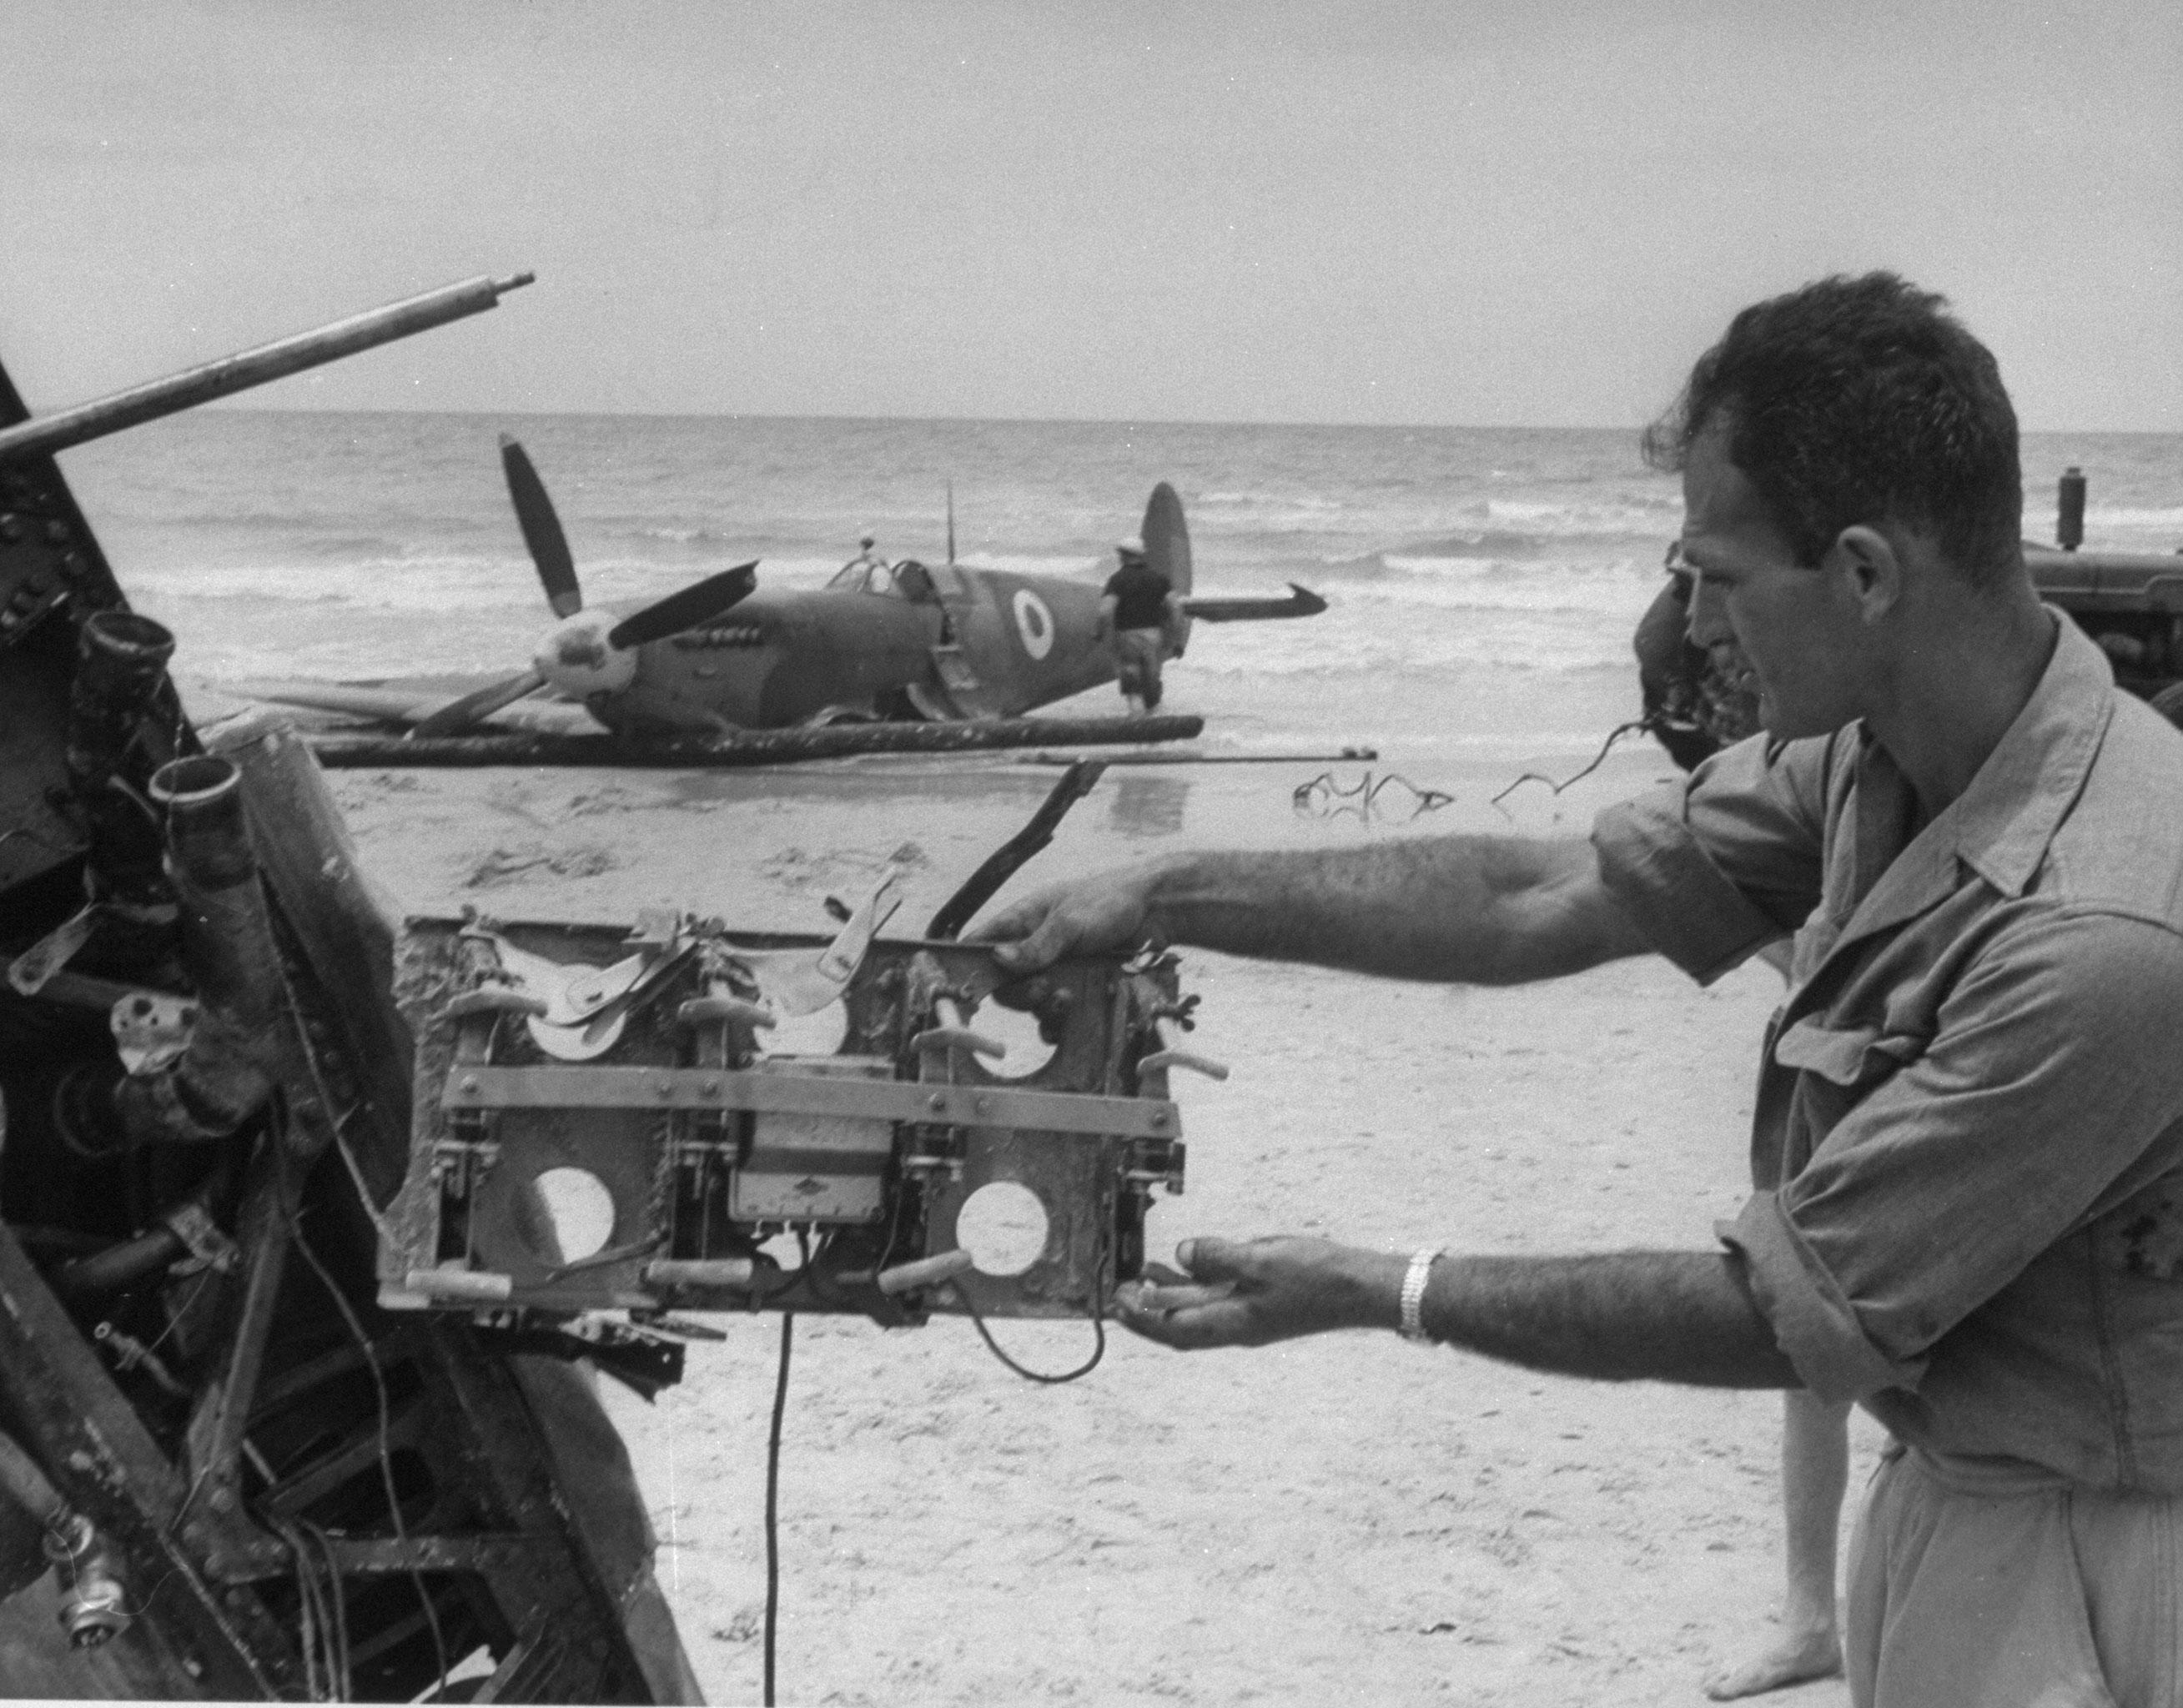 Боец Хаганы осматривает трофей из египетского Спитфайра, сбитого на пляже Тель-Авива